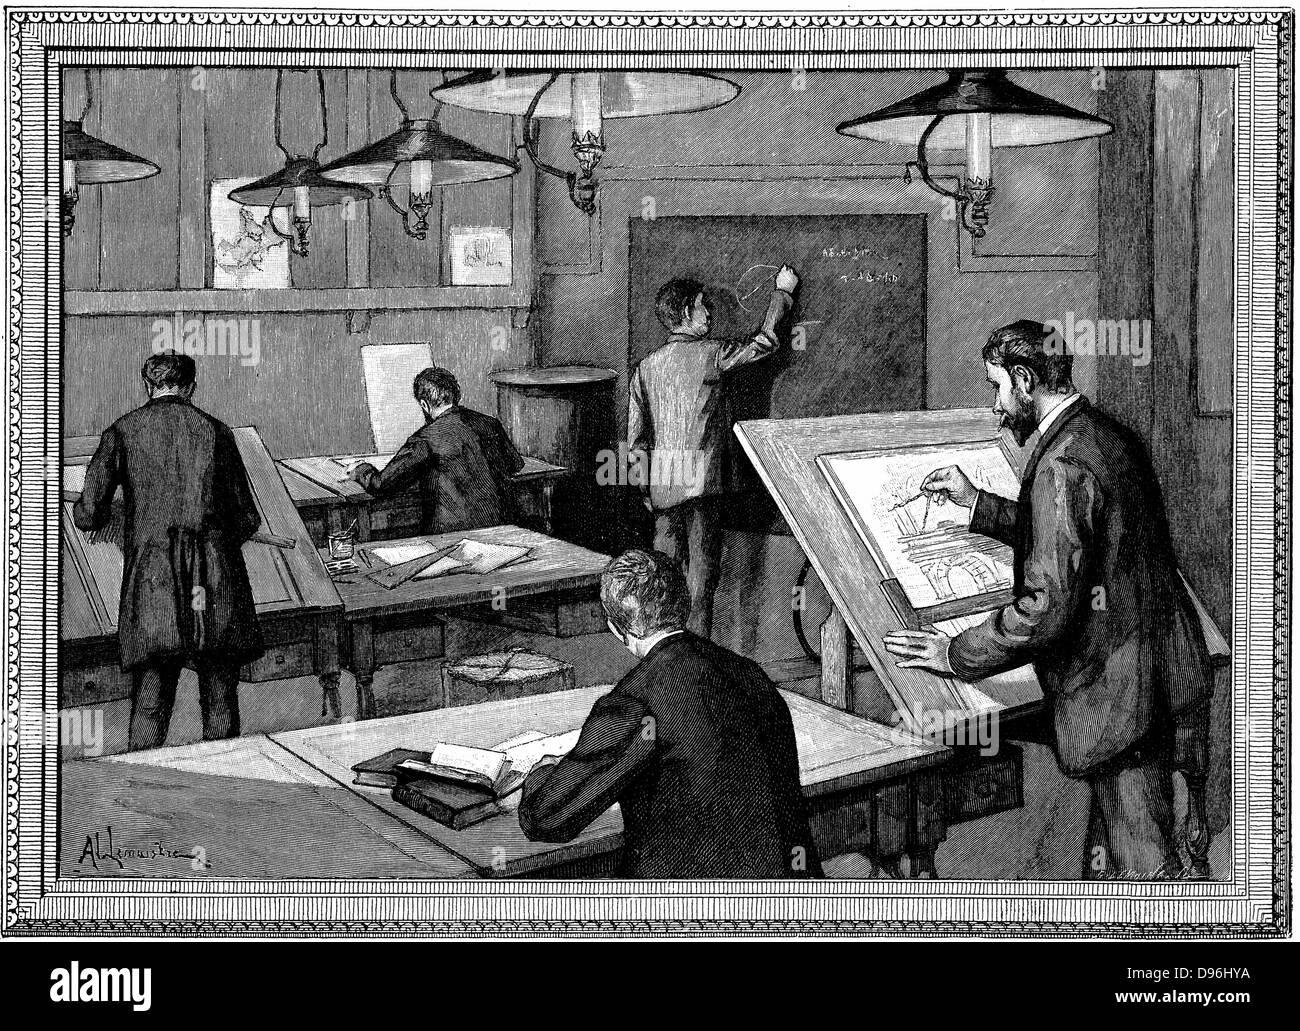 Ecole des Ponts-et-Chaussees, Paris.  Students at their studies.   Wood engraving, Paris, 1894 - Stock Image